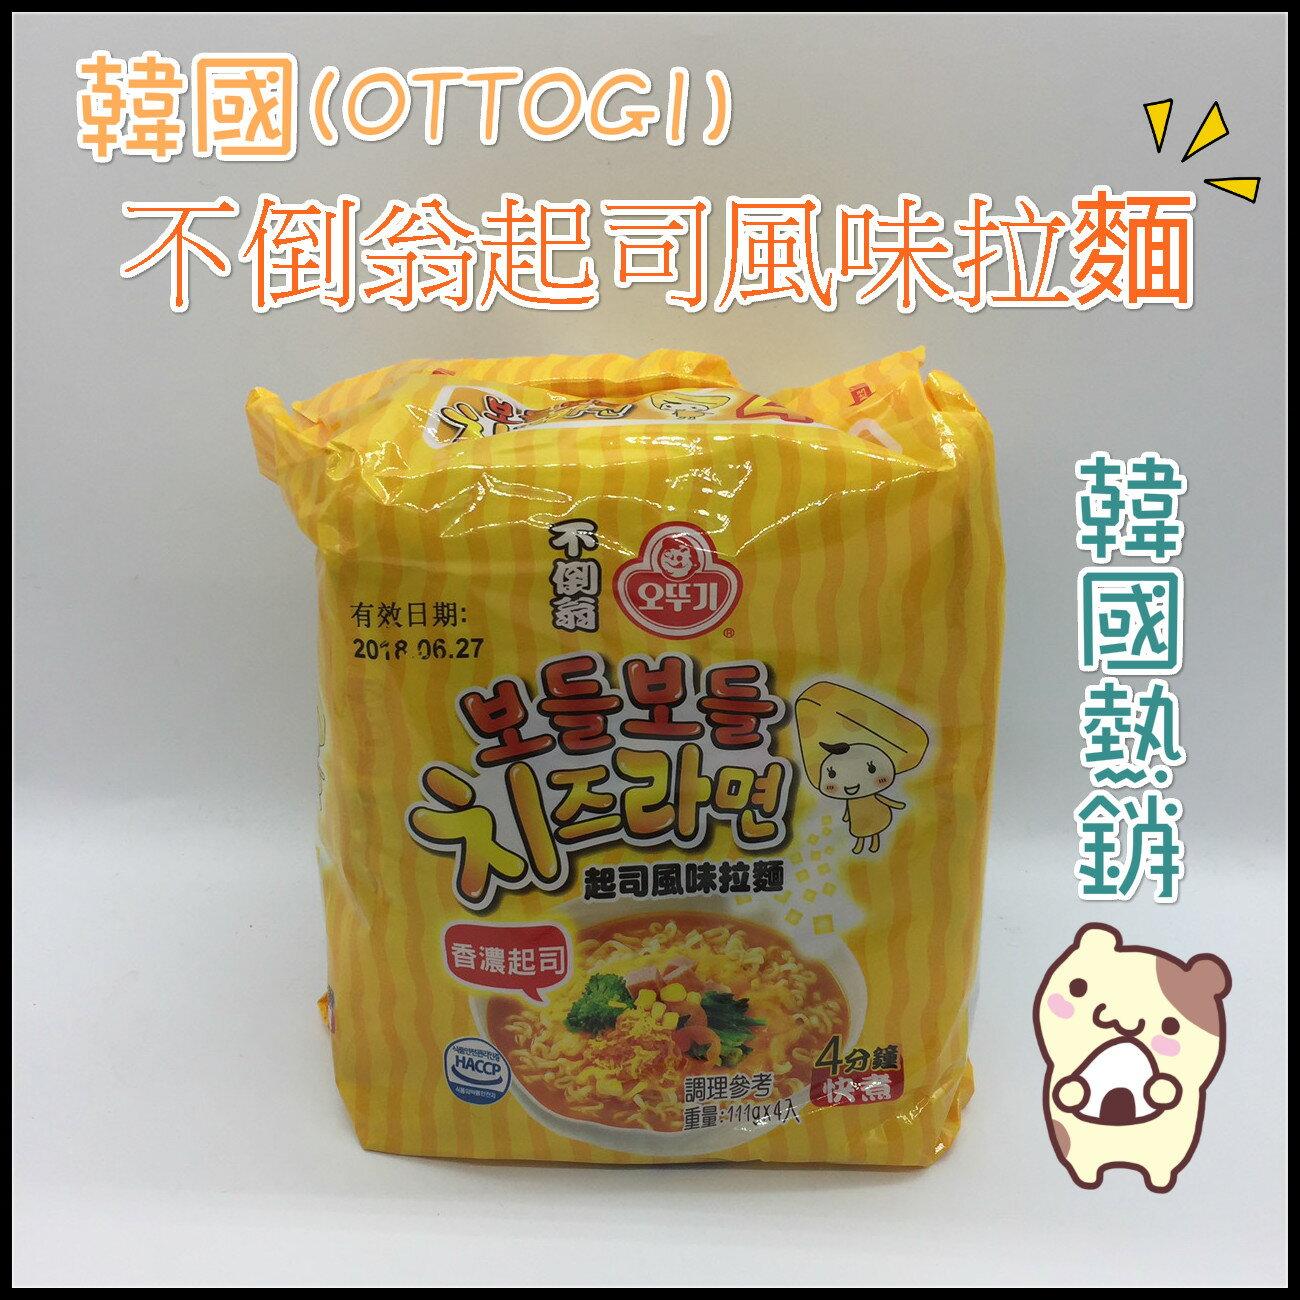 ?韓國不倒翁(OTTOGI)起司風味拉麵?111gx4入?韓國 泡麵 起司 拉麵 不倒翁 消夜 速食麵 方便麵?